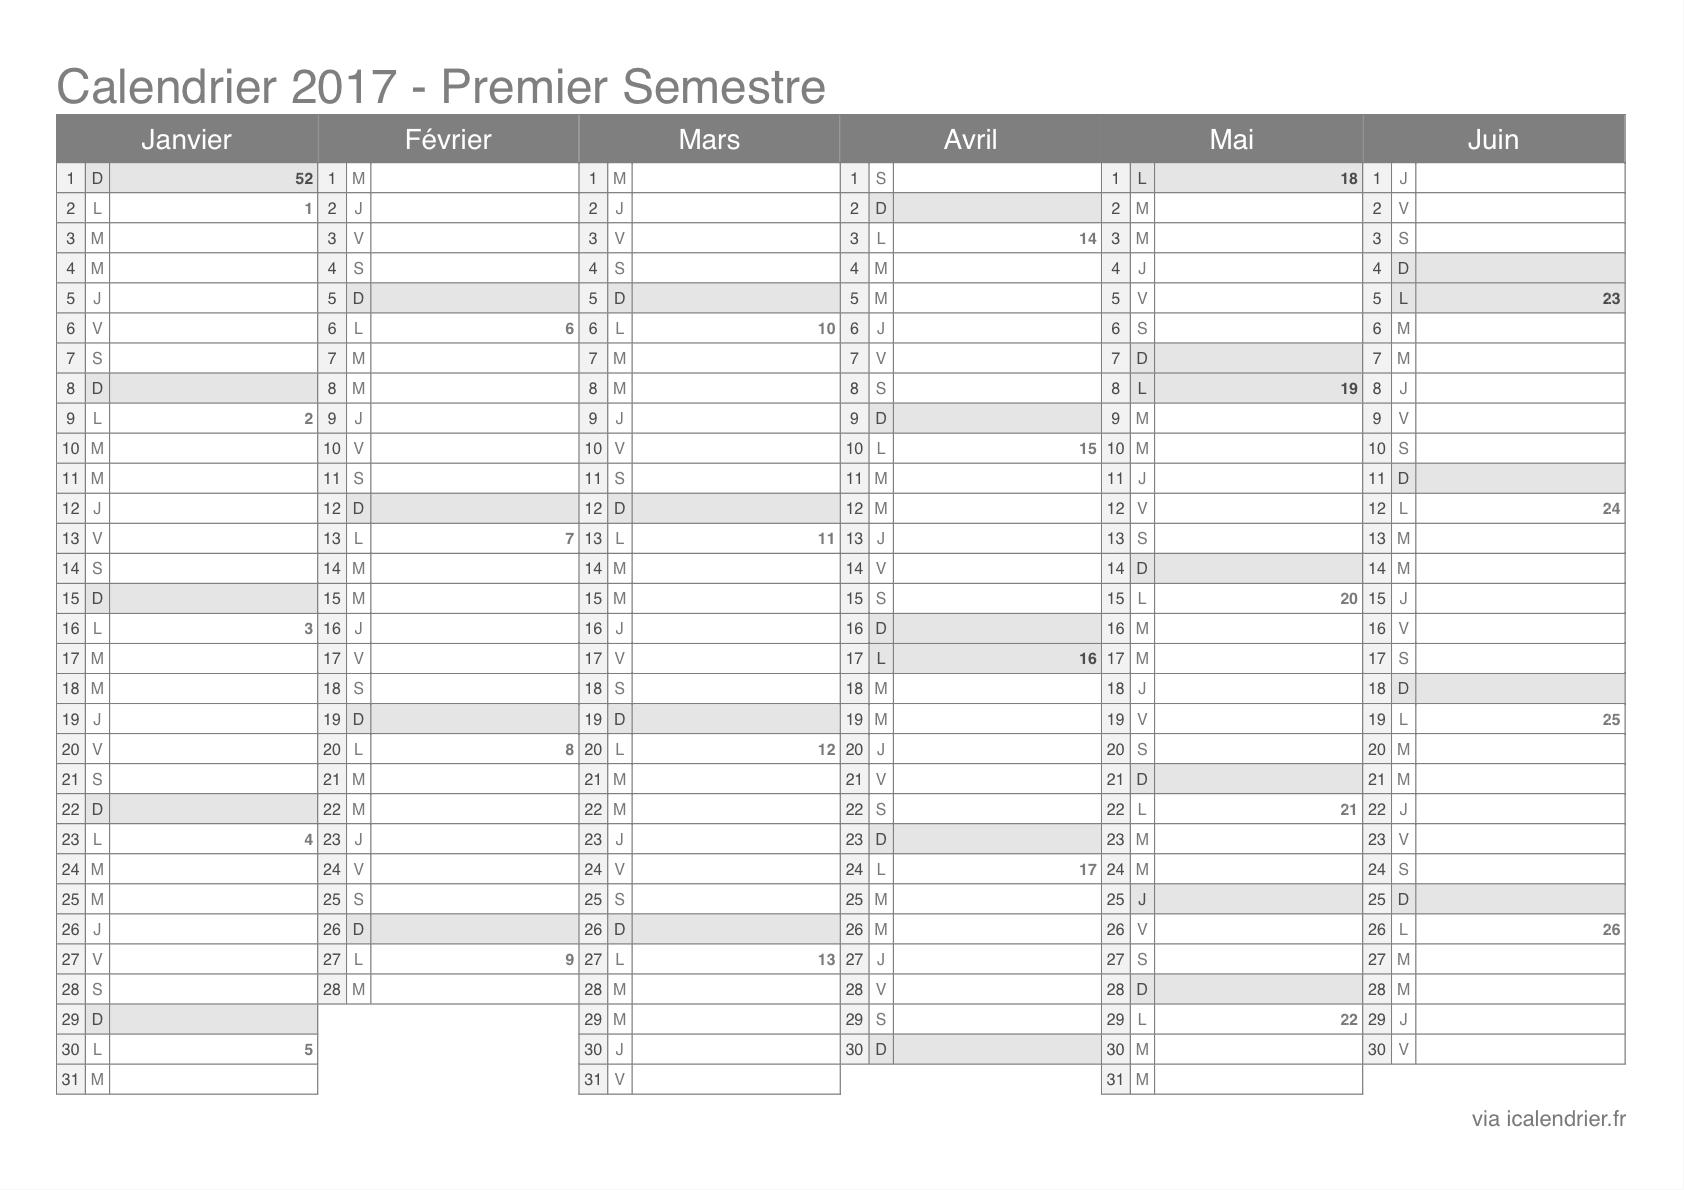 Calendrier 2017 avec les numéros de semaine